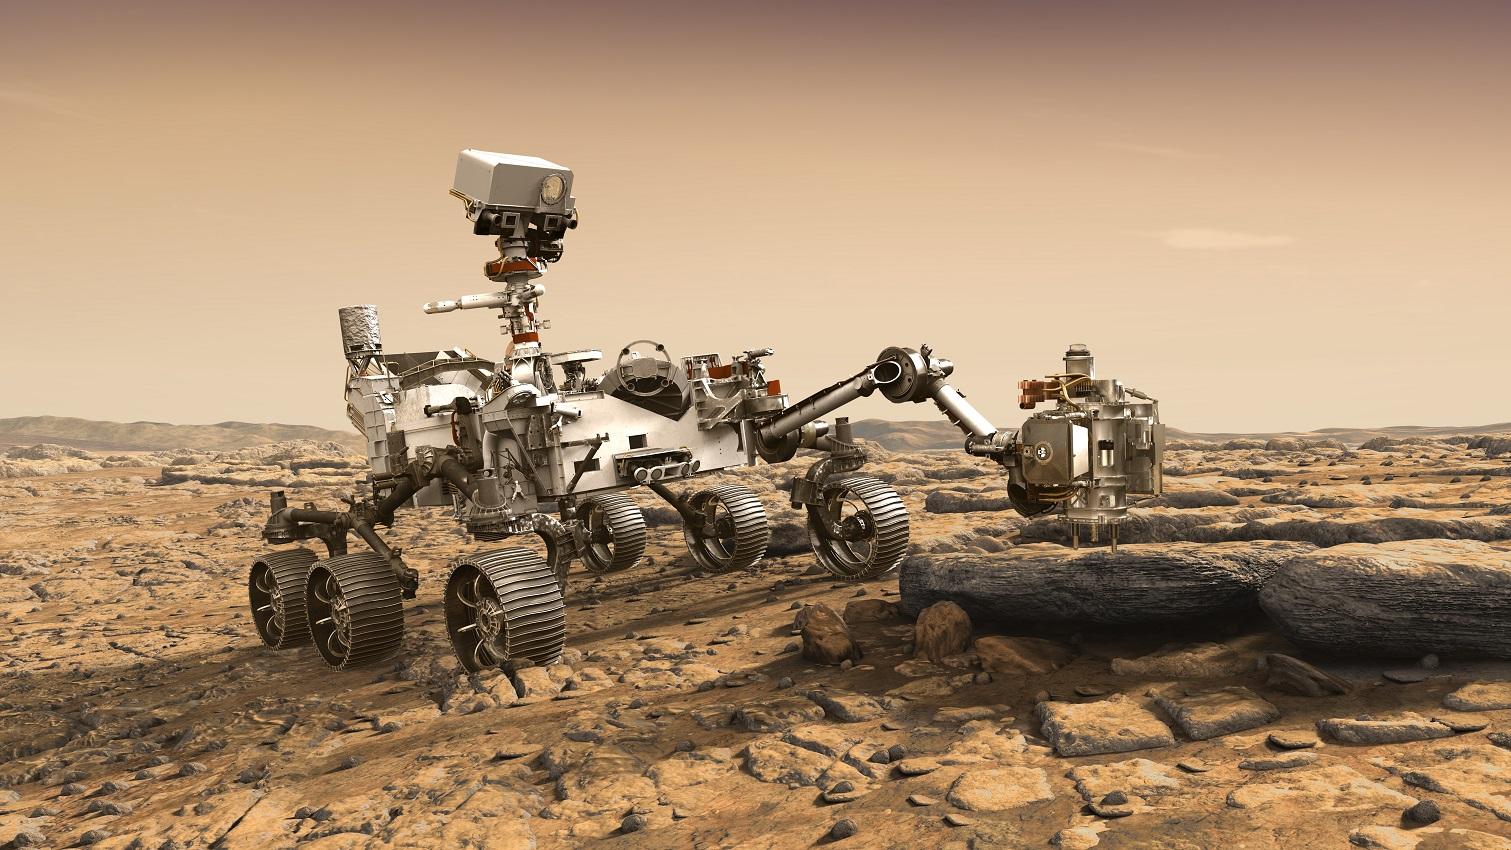 The Objectives of NASA's 2020 Mars Exploration Program